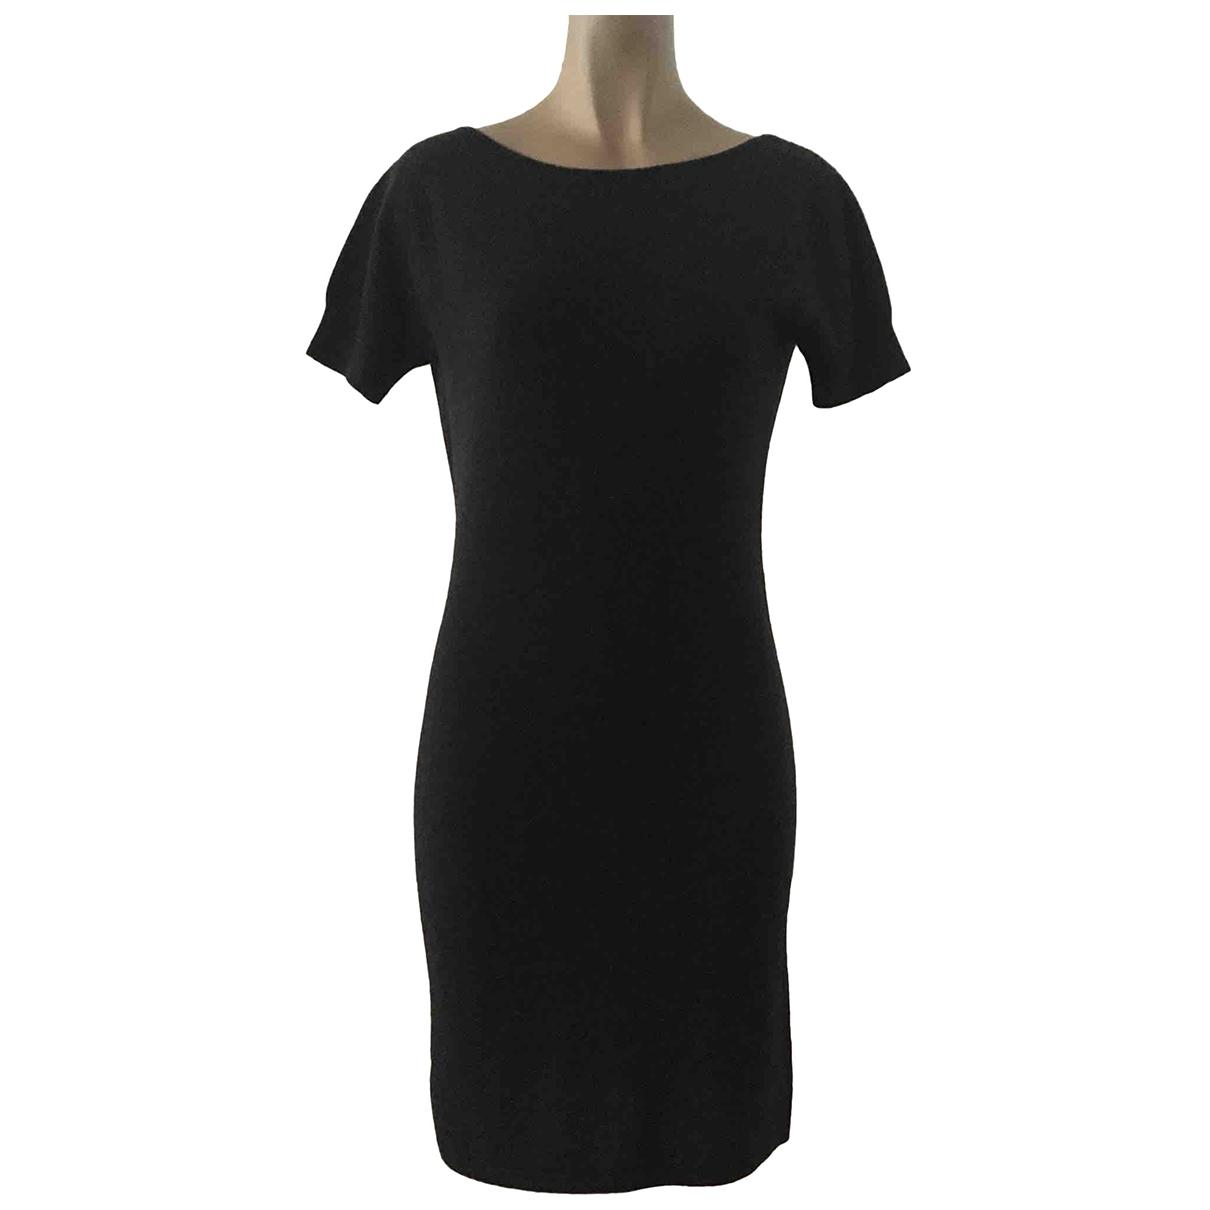 Tara Jarmon \N Anthracite Wool dress for Women S International